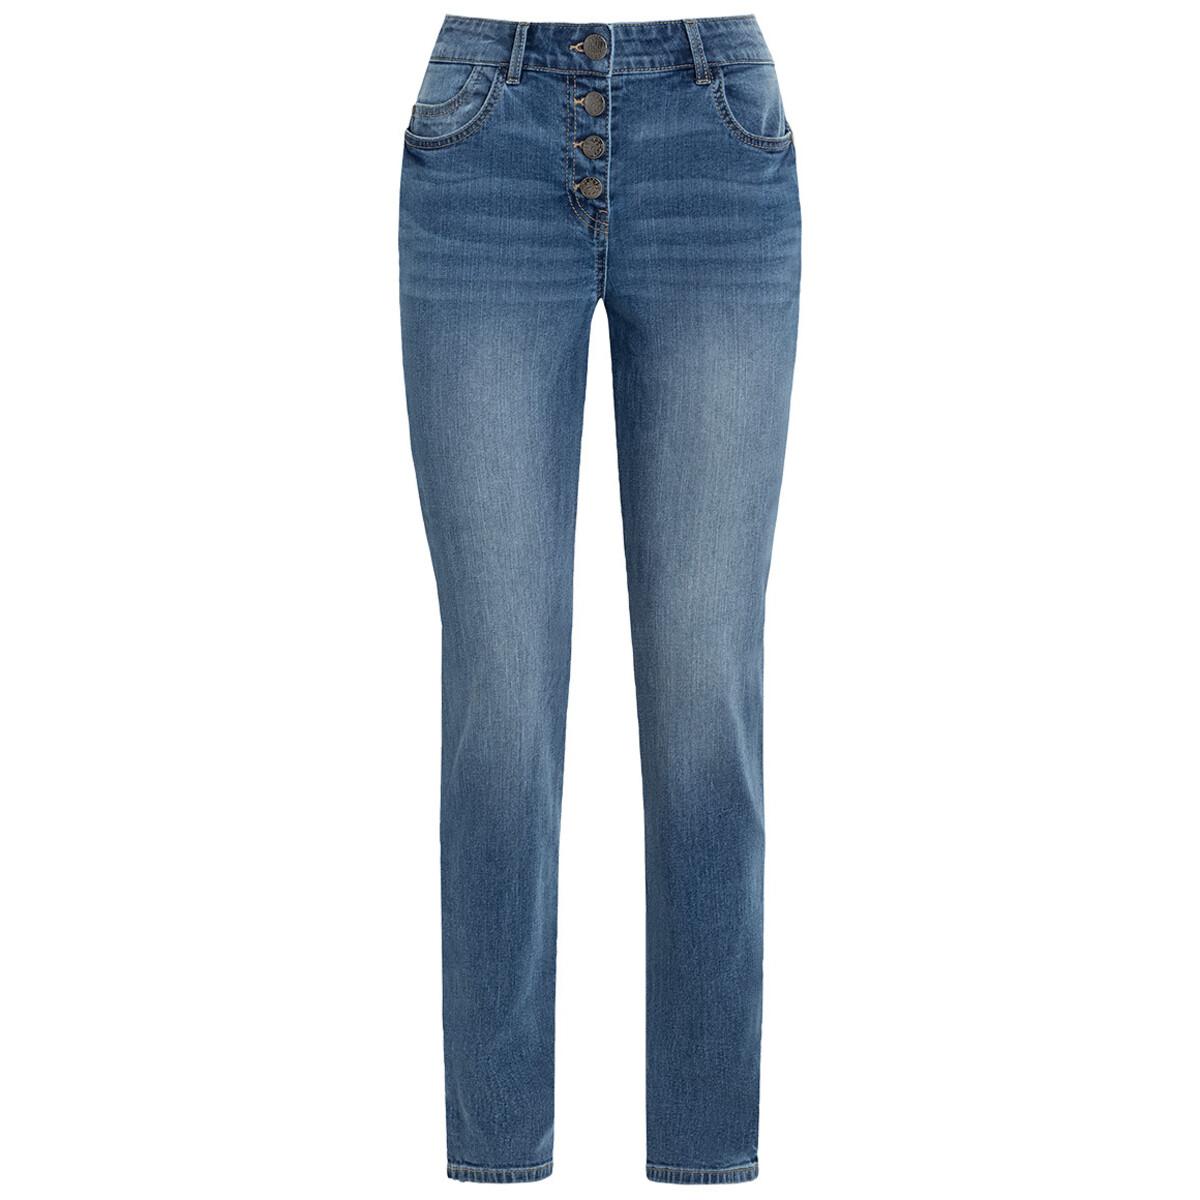 Bild 1 von Damen Slim-Jeans mit Knopfleiste